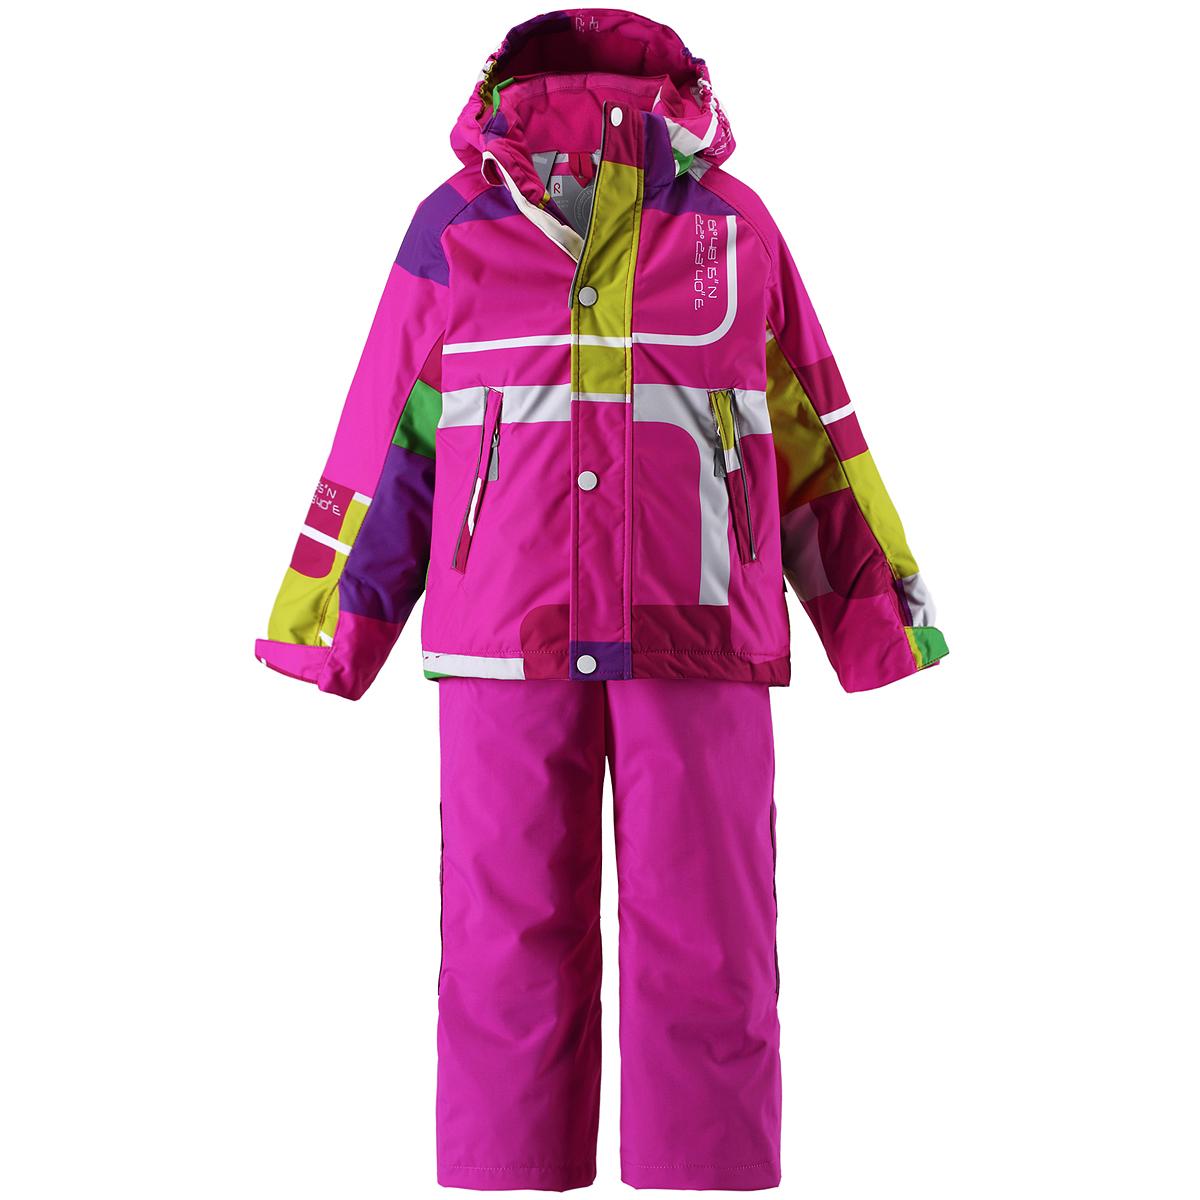 Комплект детский Sheratan: куртка, брюки. 523075523075_6519Теплый детский комплект Reimatec Sheratan, состоящий из куртки и брюк, идеально подойдет для ребенка в холодное время года. Комплект изготовлен из водоотталкивающей и ветрозащитной мембранной ткани с утеплителем из синтепона. Материал отличается высокой устойчивостью к трению, благодаря специальной обработке полиуретаном поверхность изделий отталкивает грязь и воду, что облегчает поддержание аккуратного вида одежды, дышащее покрытие с изнаночной части не раздражает даже самую нежную и чувствительную кожу ребенка, обеспечивая ему наибольший комфорт. Куртка с удлиненной спинкой и капюшоном застегивается на пластиковую застежку-молнию с защитой подбородка, благодаря чему ее легко надевать и снимать, и дополнительно имеет ветрозащитный клапан на кнопках. Капюшон, присборенный по бокам, защитит нежные щечки от ветра, он пристегивается к куртке при помощи кнопок. Края рукавов дополнены хлястиком на липучке, с помощью которого можно регулировать обхват. Мягкая подкладка на воротнике...